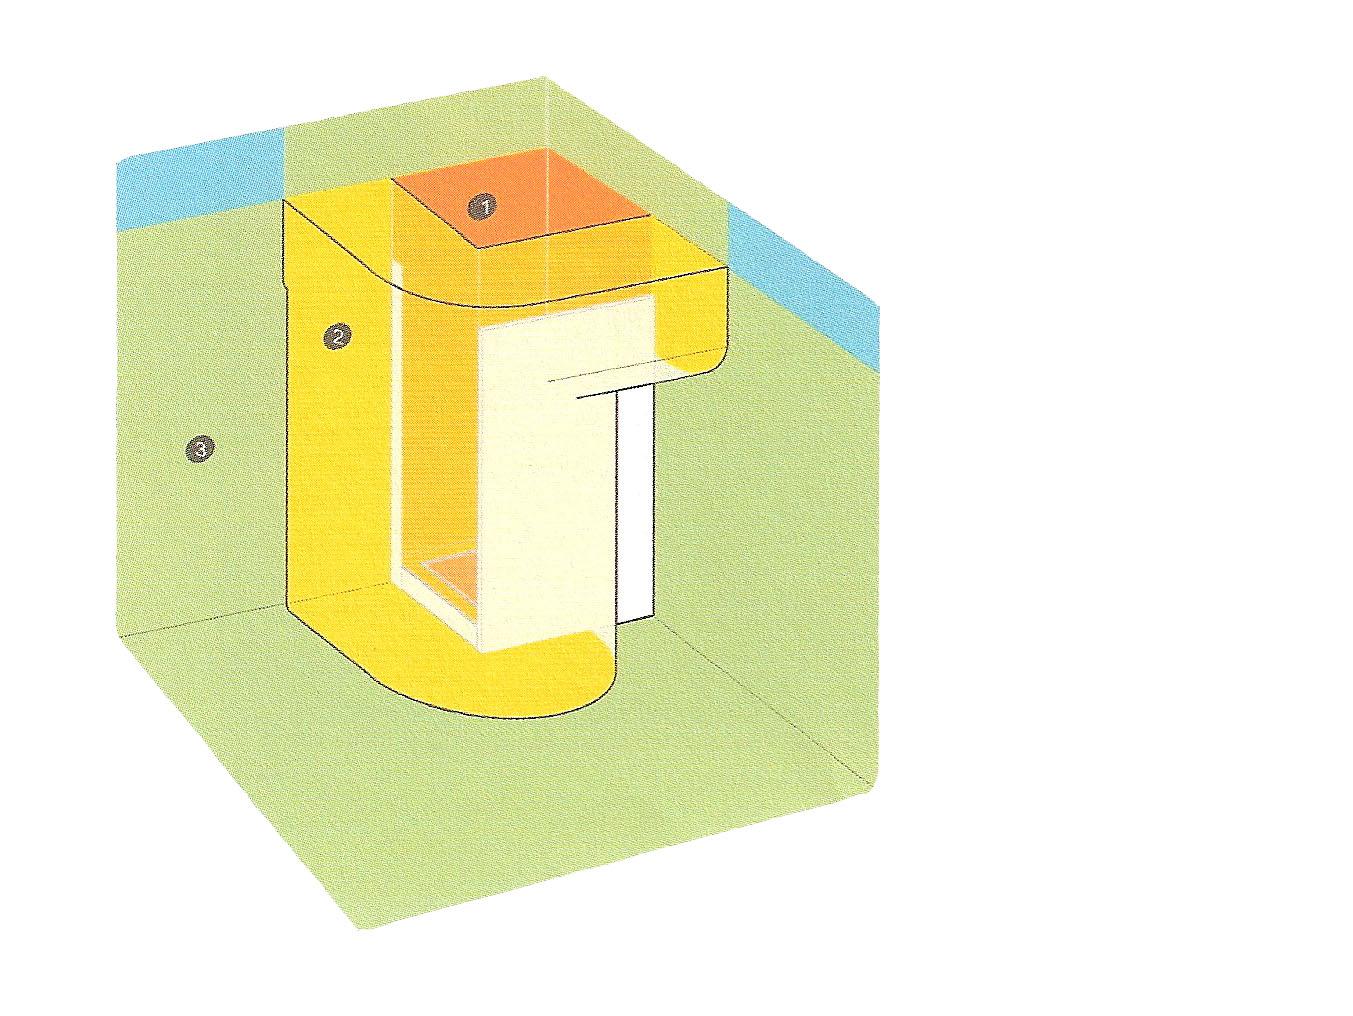 Nfc 15 100 salle de bain 28 images norme 233 lectrique for Norme ventilation salle de bain